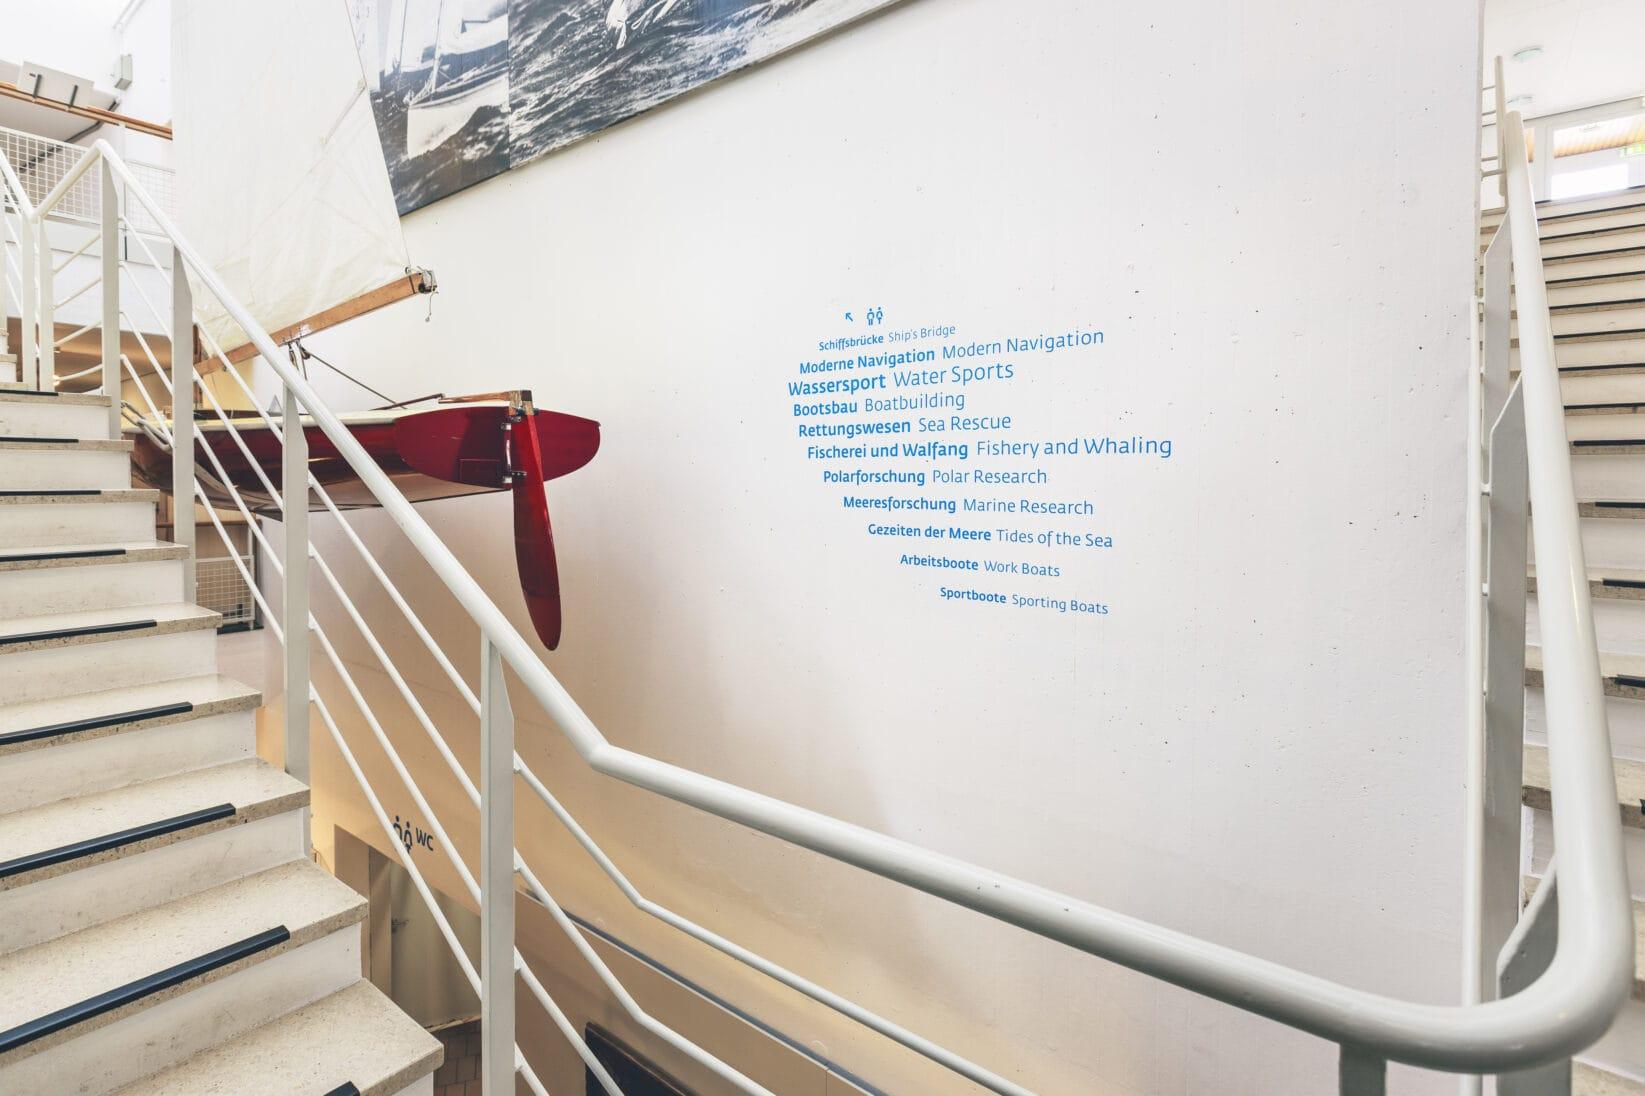 Leitsystem DSM Schifffahrtsmuseum Bereich Schwarm Wegweiser Treppe Boot